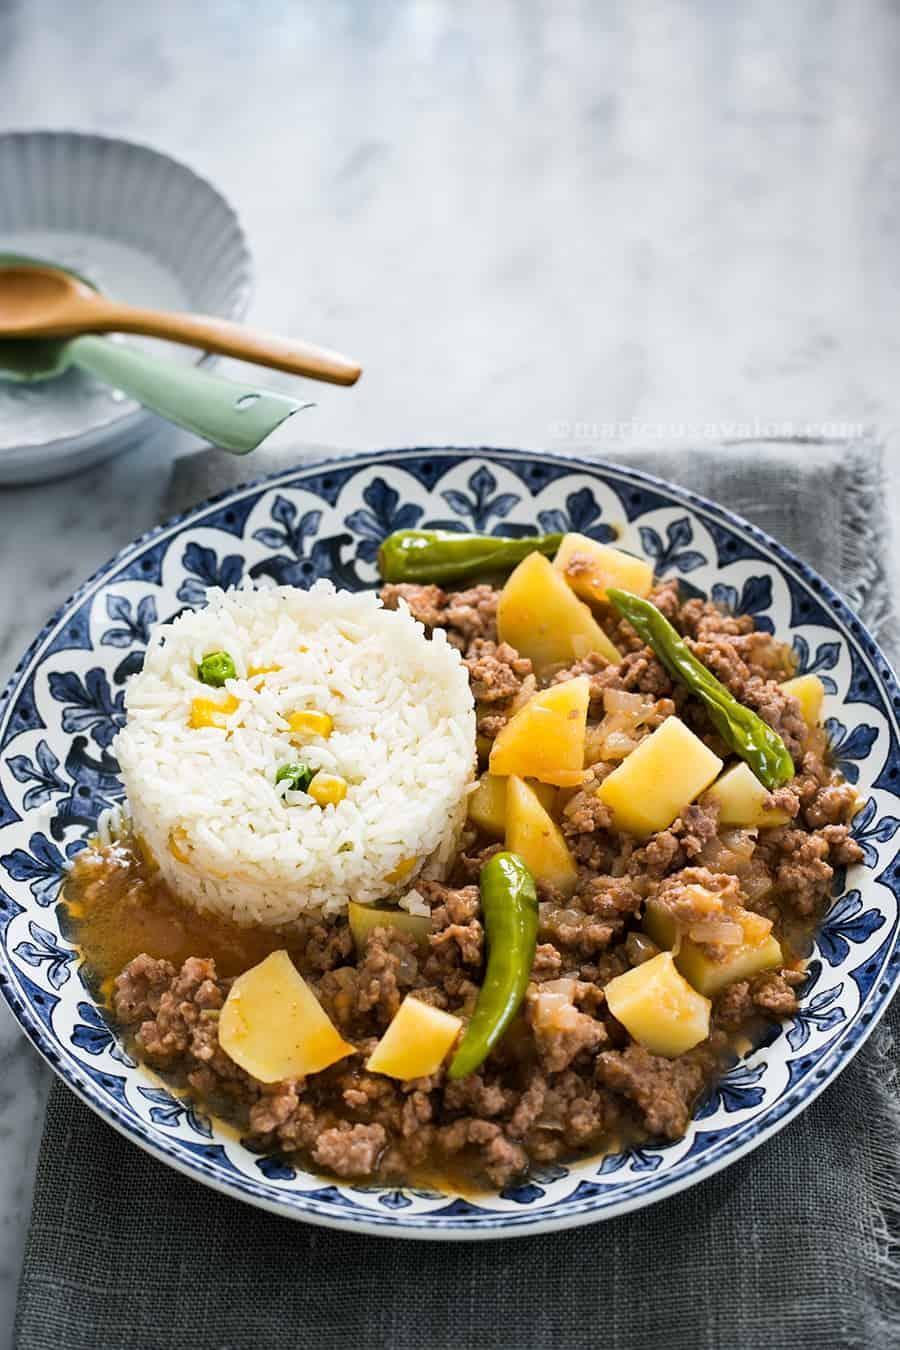 picadillo con papas acompañado de arroz blanco con elote y servido en un plato de cerámica azul y blanco.